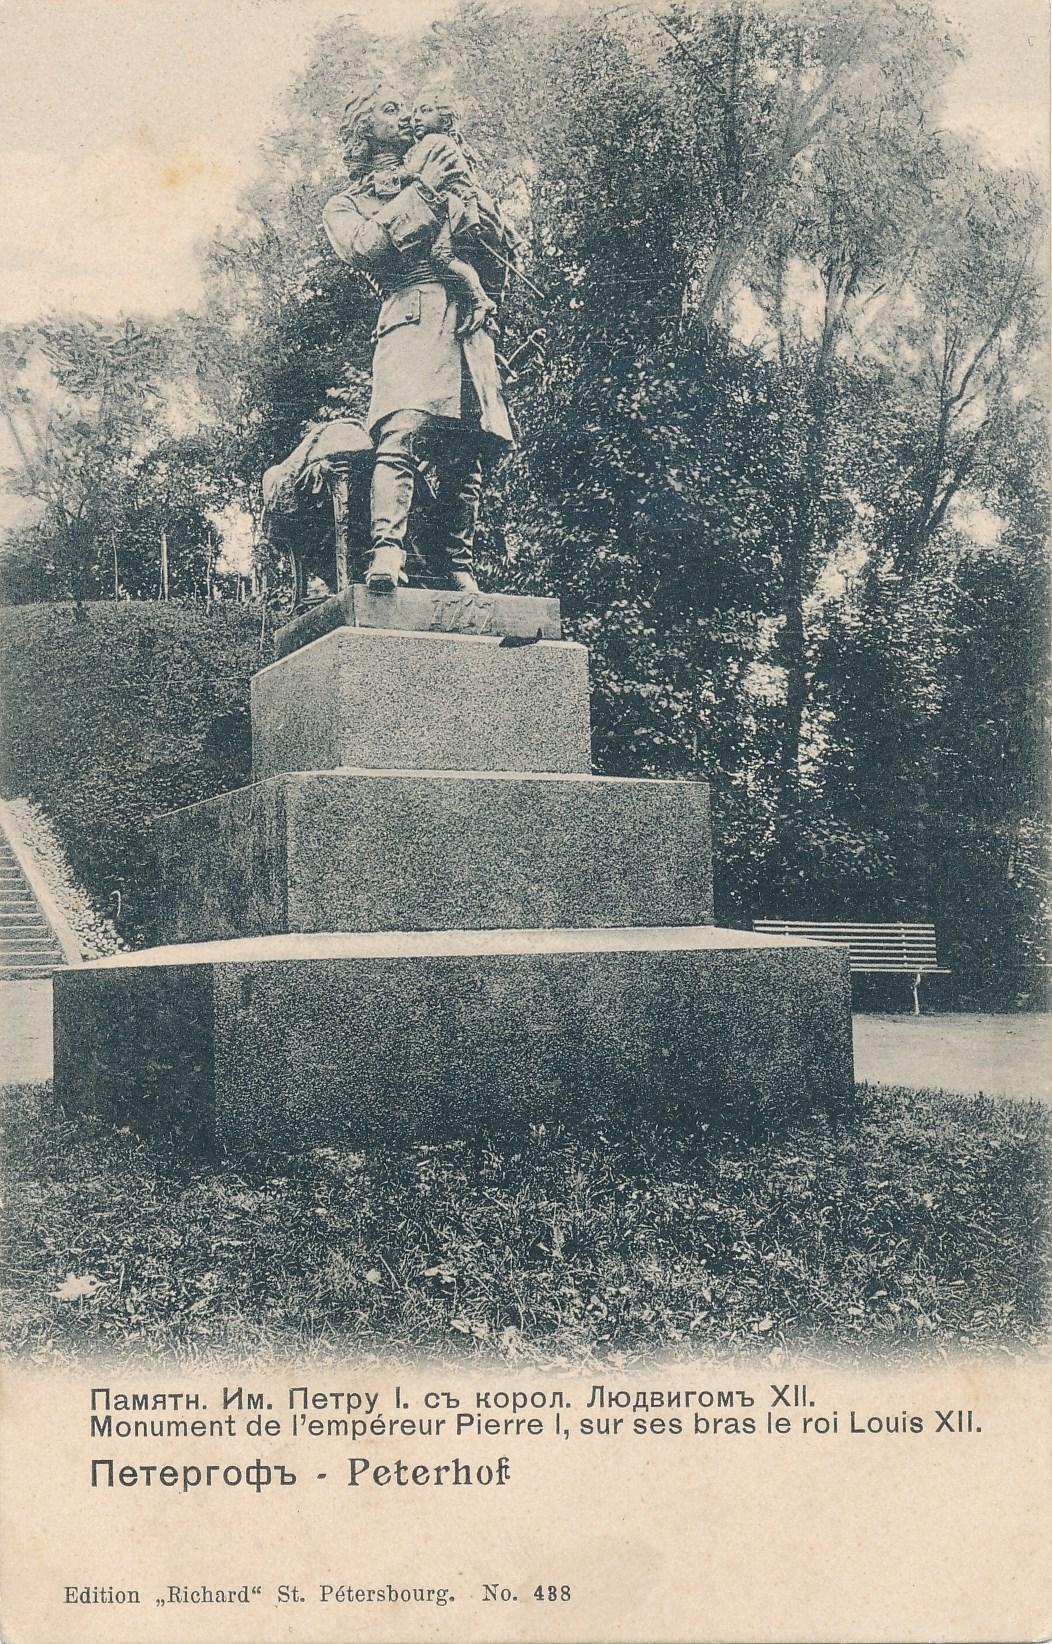 Памятник Петру I с королем Людовиком XV на руках